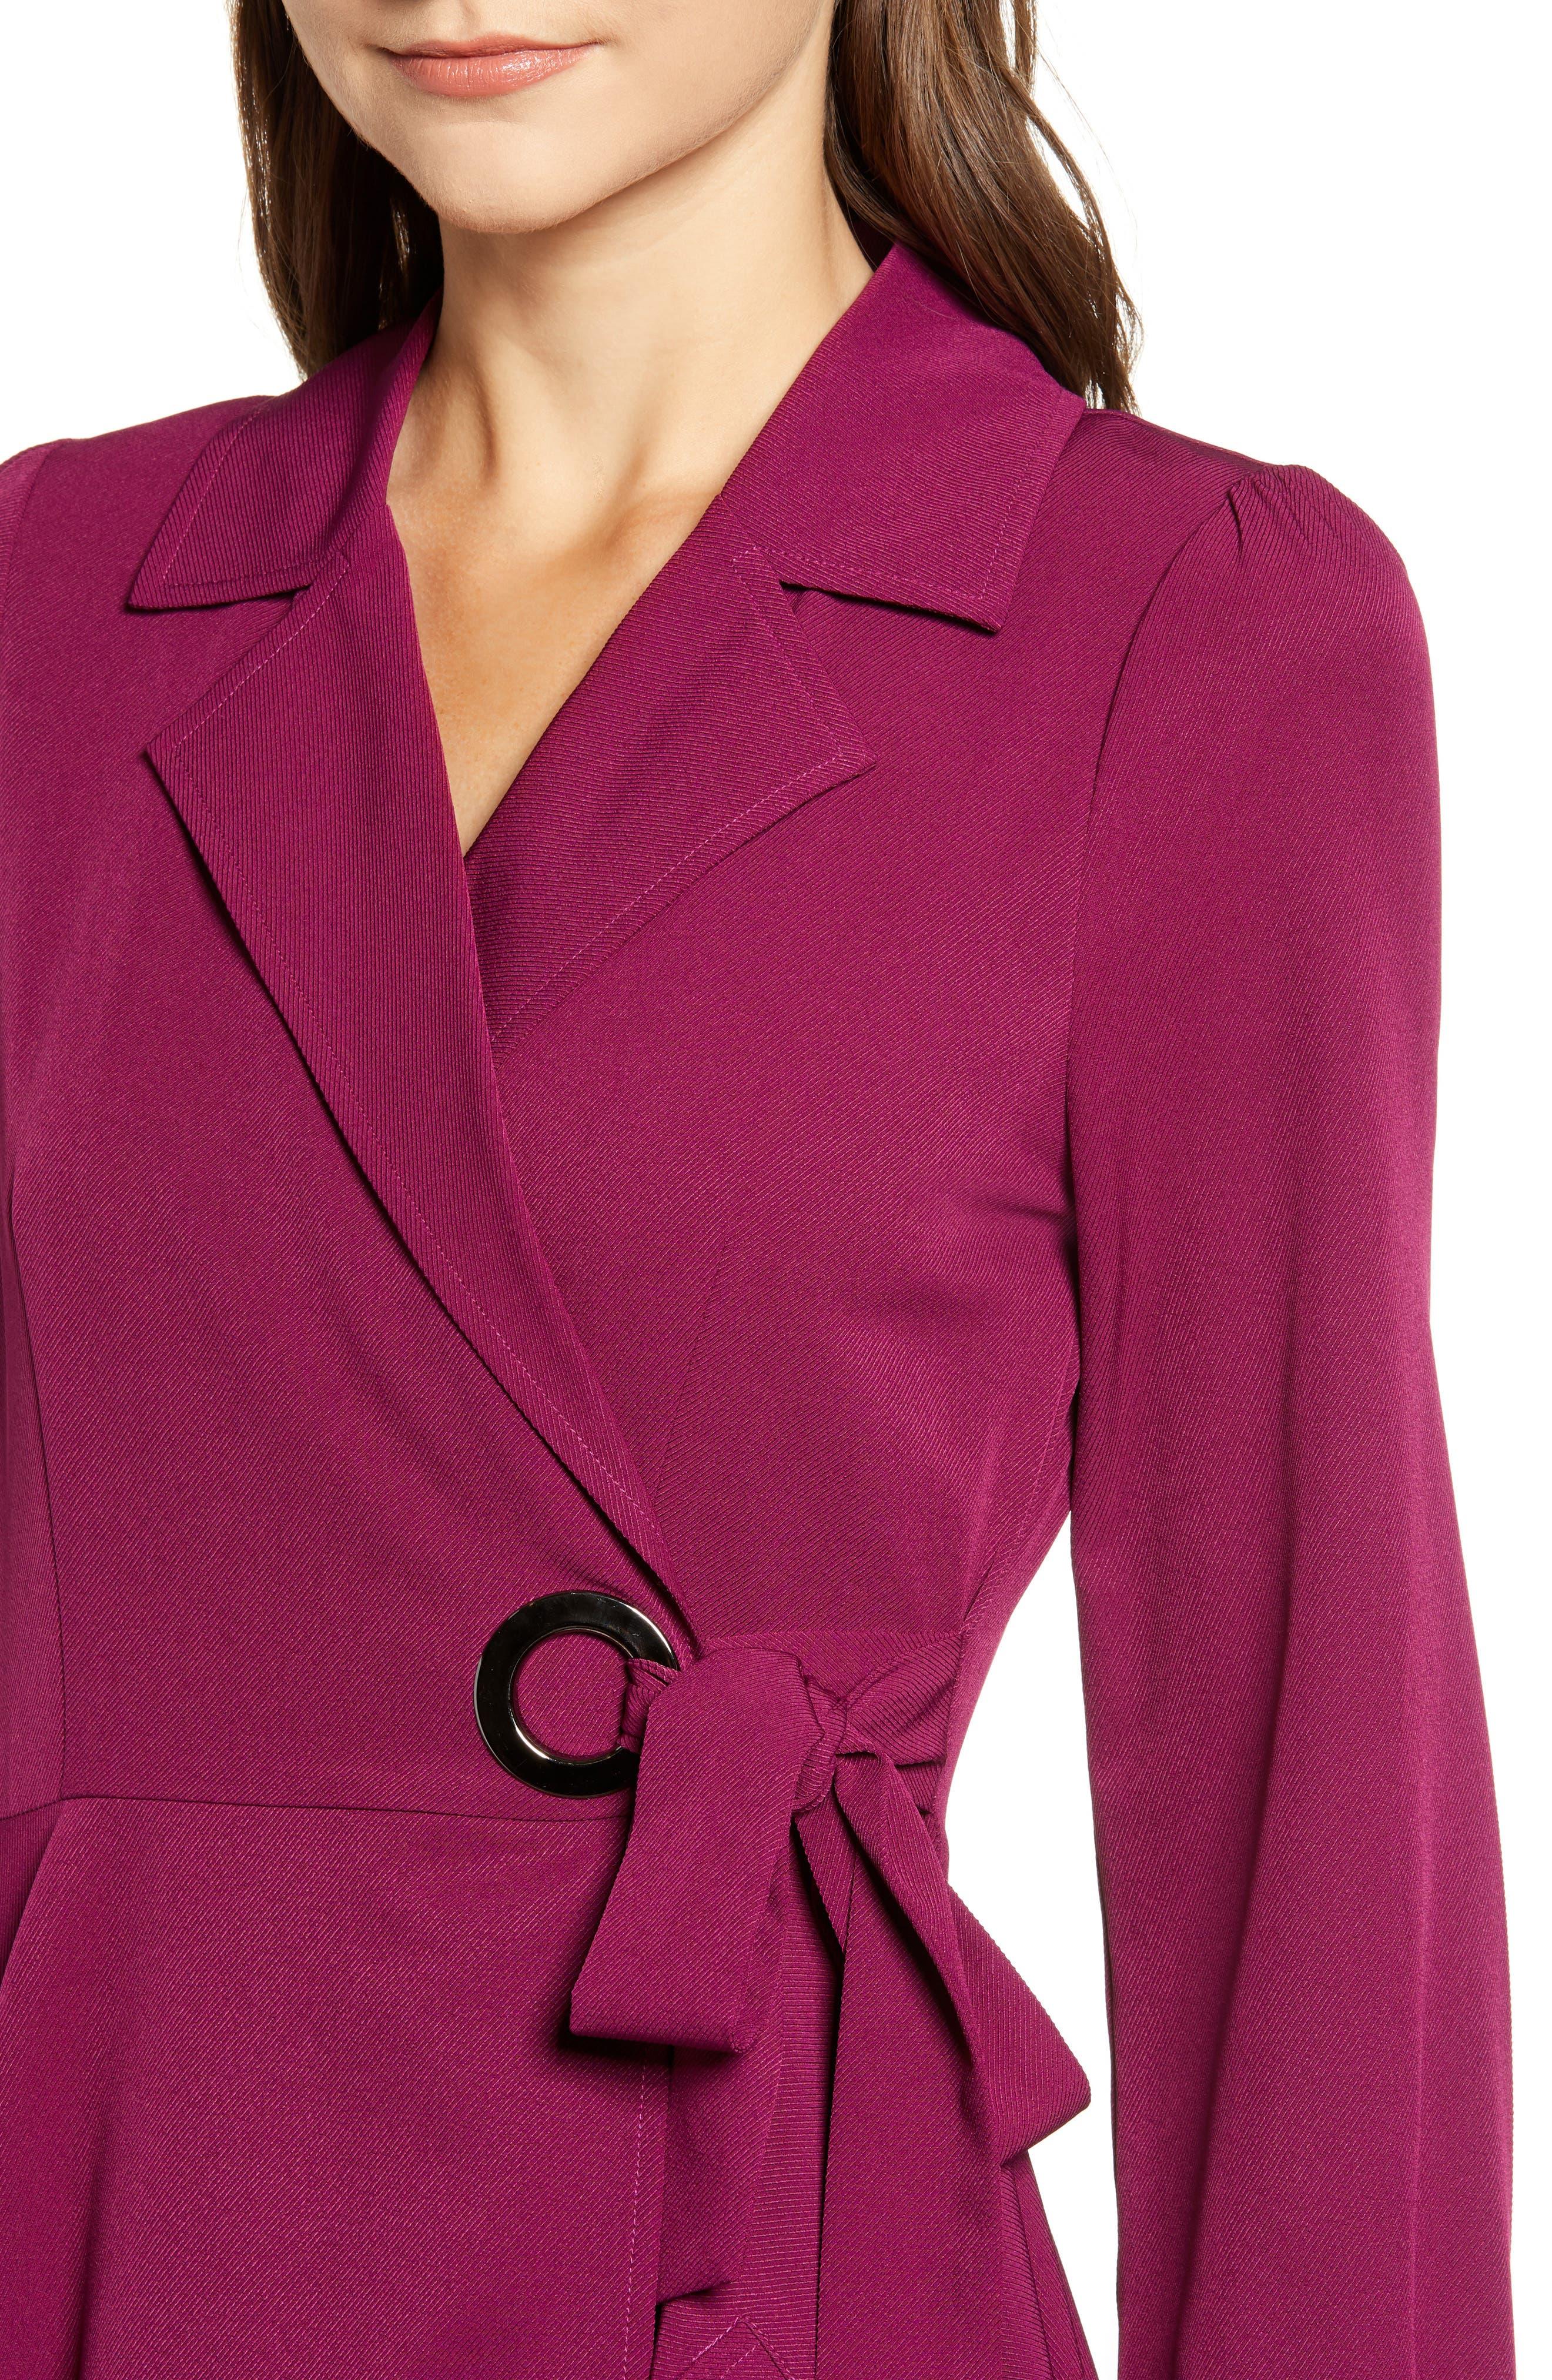 Chriselle Lim Wren Trench Dress,                             Alternate thumbnail 5, color,                             MAGENTA